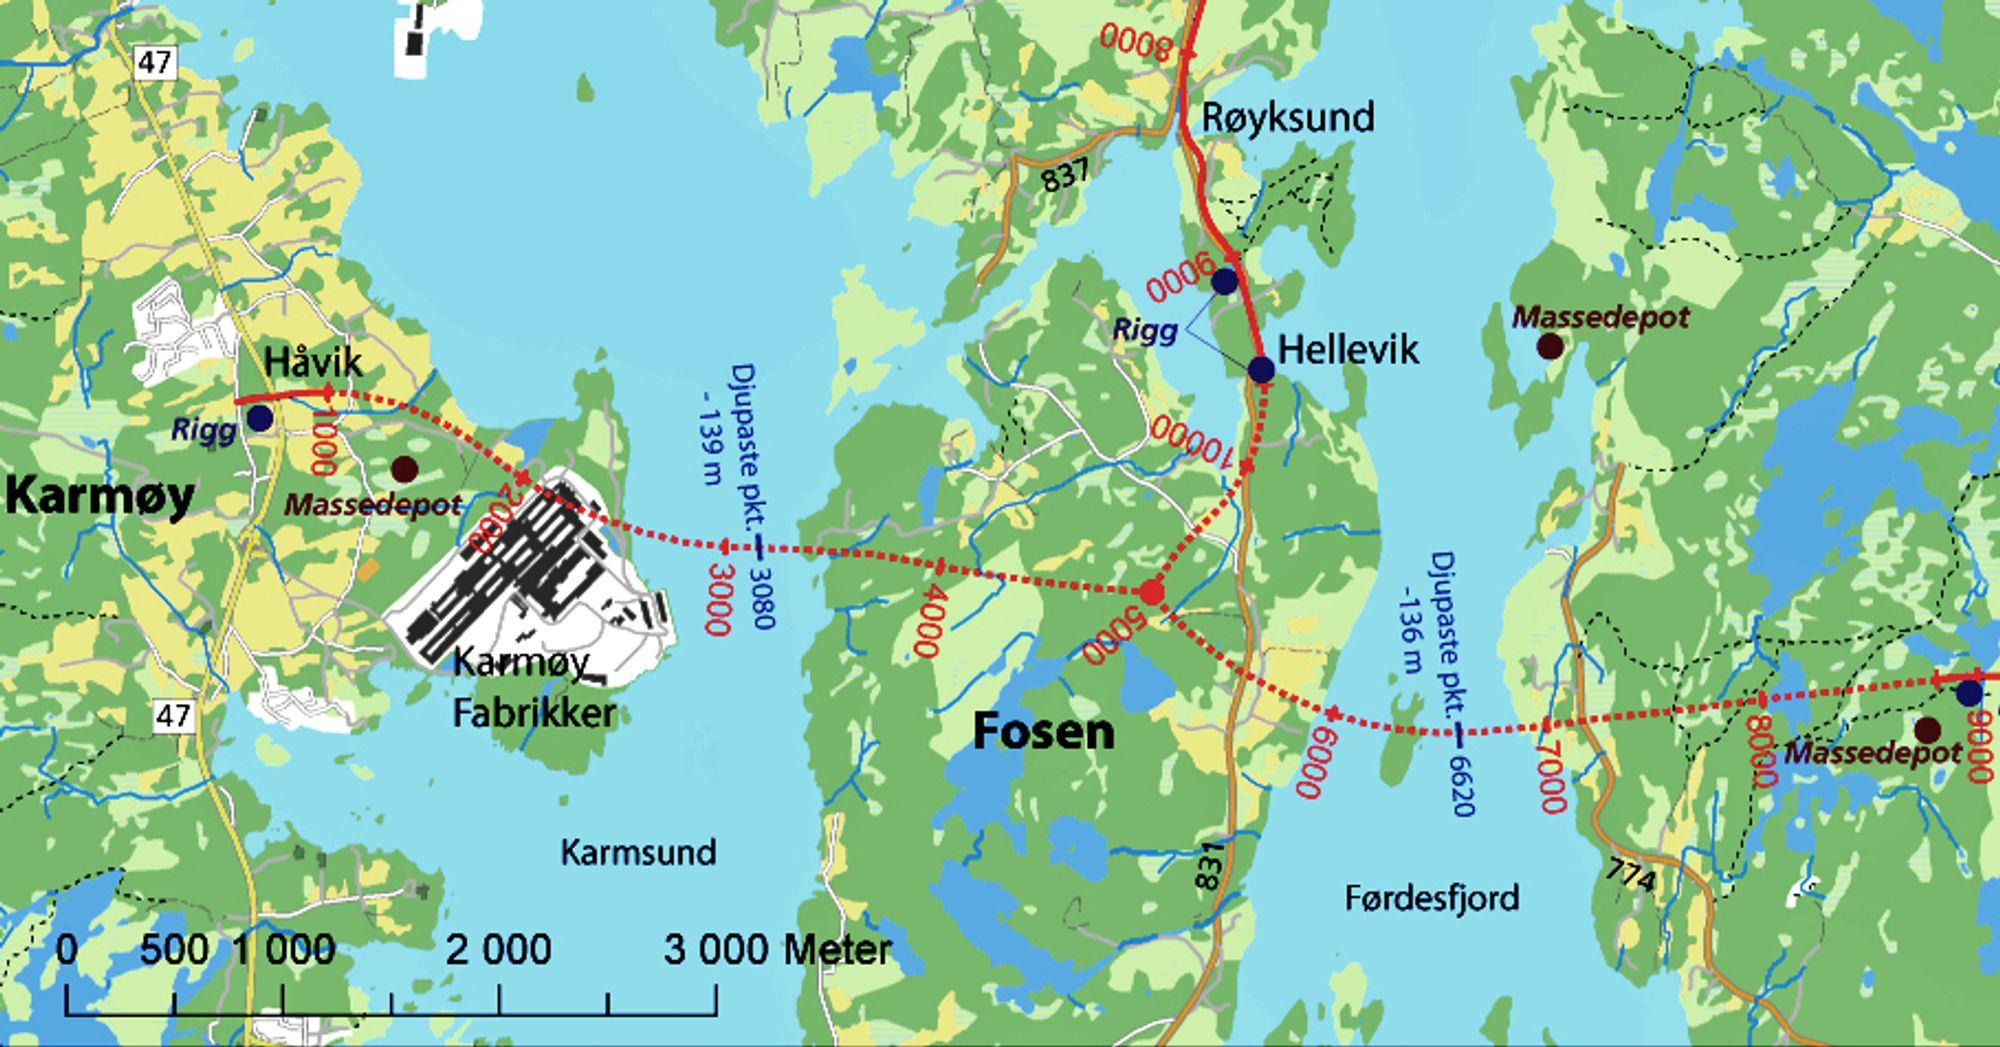 Traffic Solutions skal utføre elektro- og SRO-installasjonene på T-forbindelsen. De stiplete røde linjene viser Karmøytunnelen hvor det aller meste av arbeidet vil bli utført. Ill.: Statens vegvesen